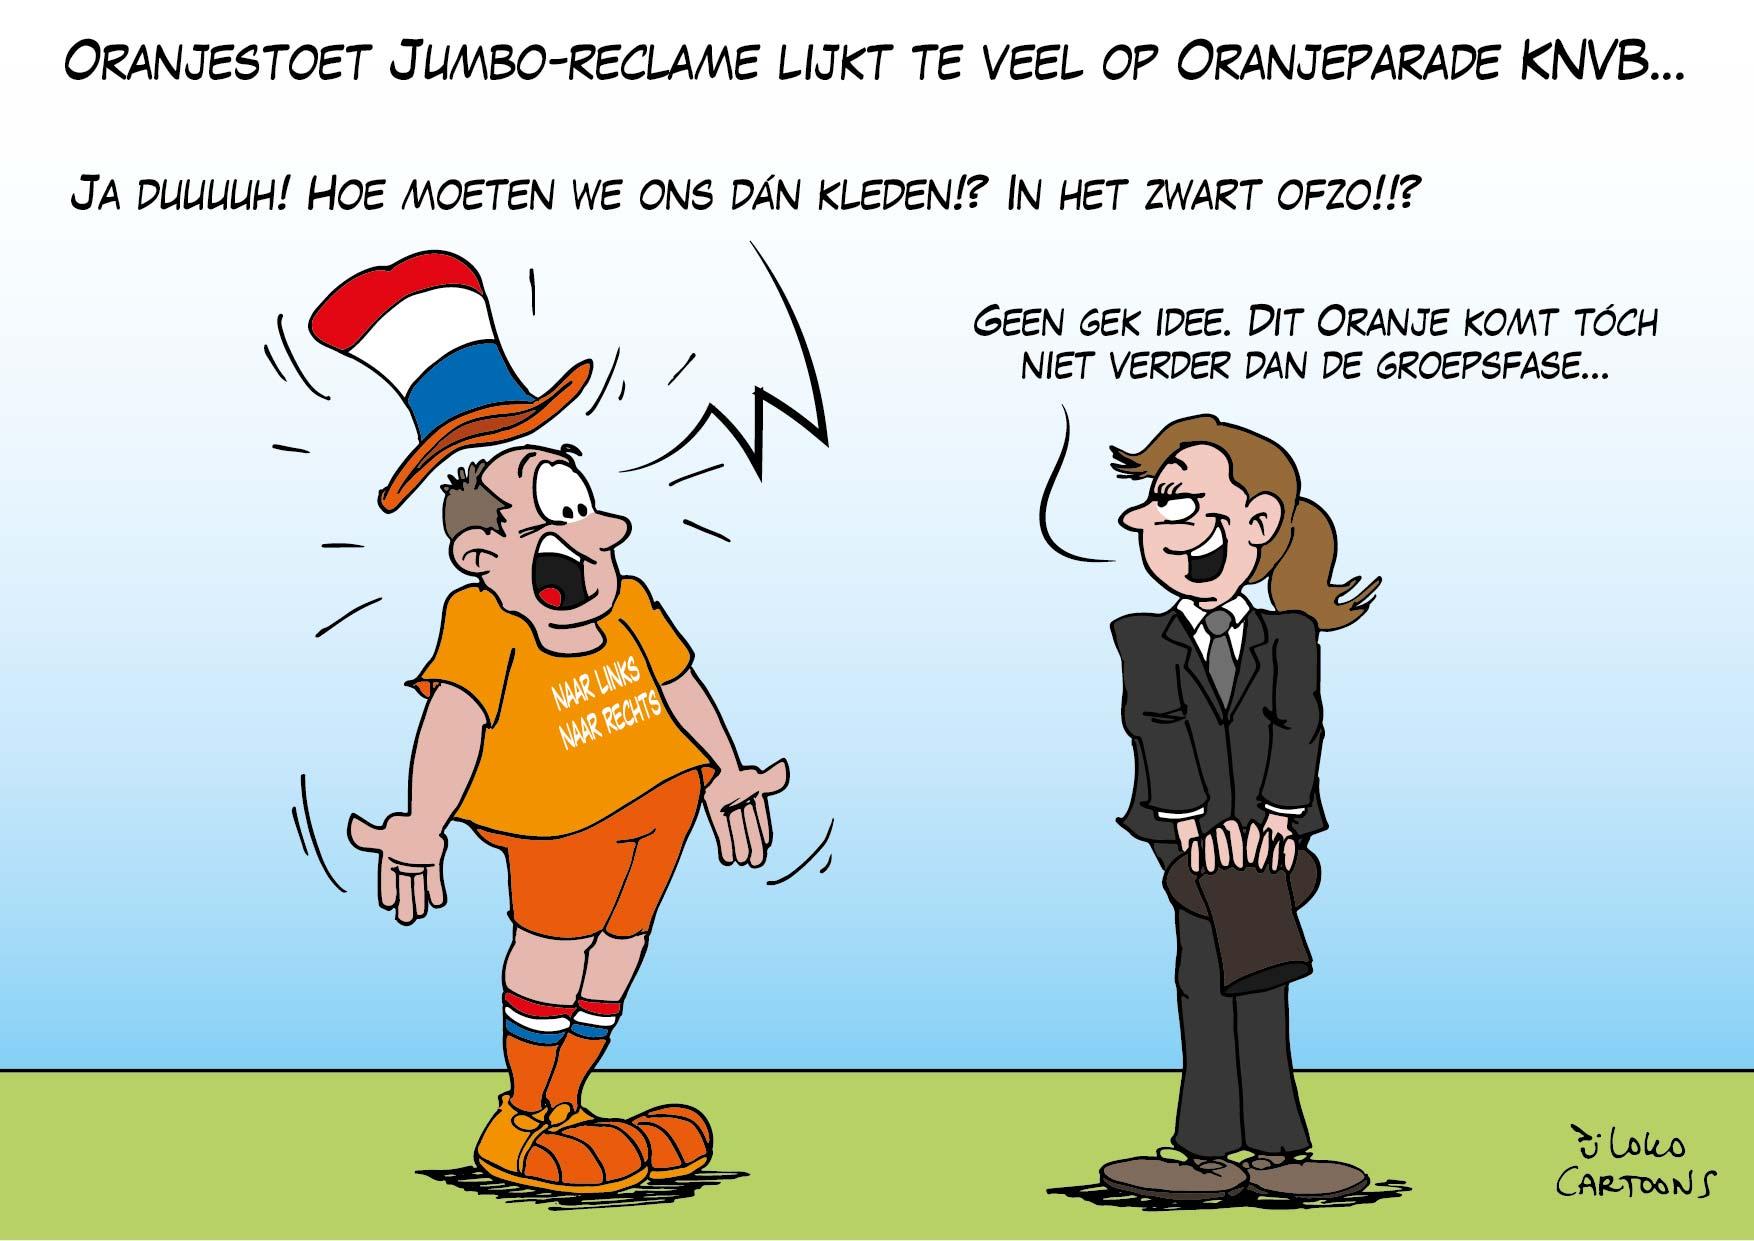 Oranjestoet Jumbo reclame lijkt te veel op Oranjeparade KNVB…